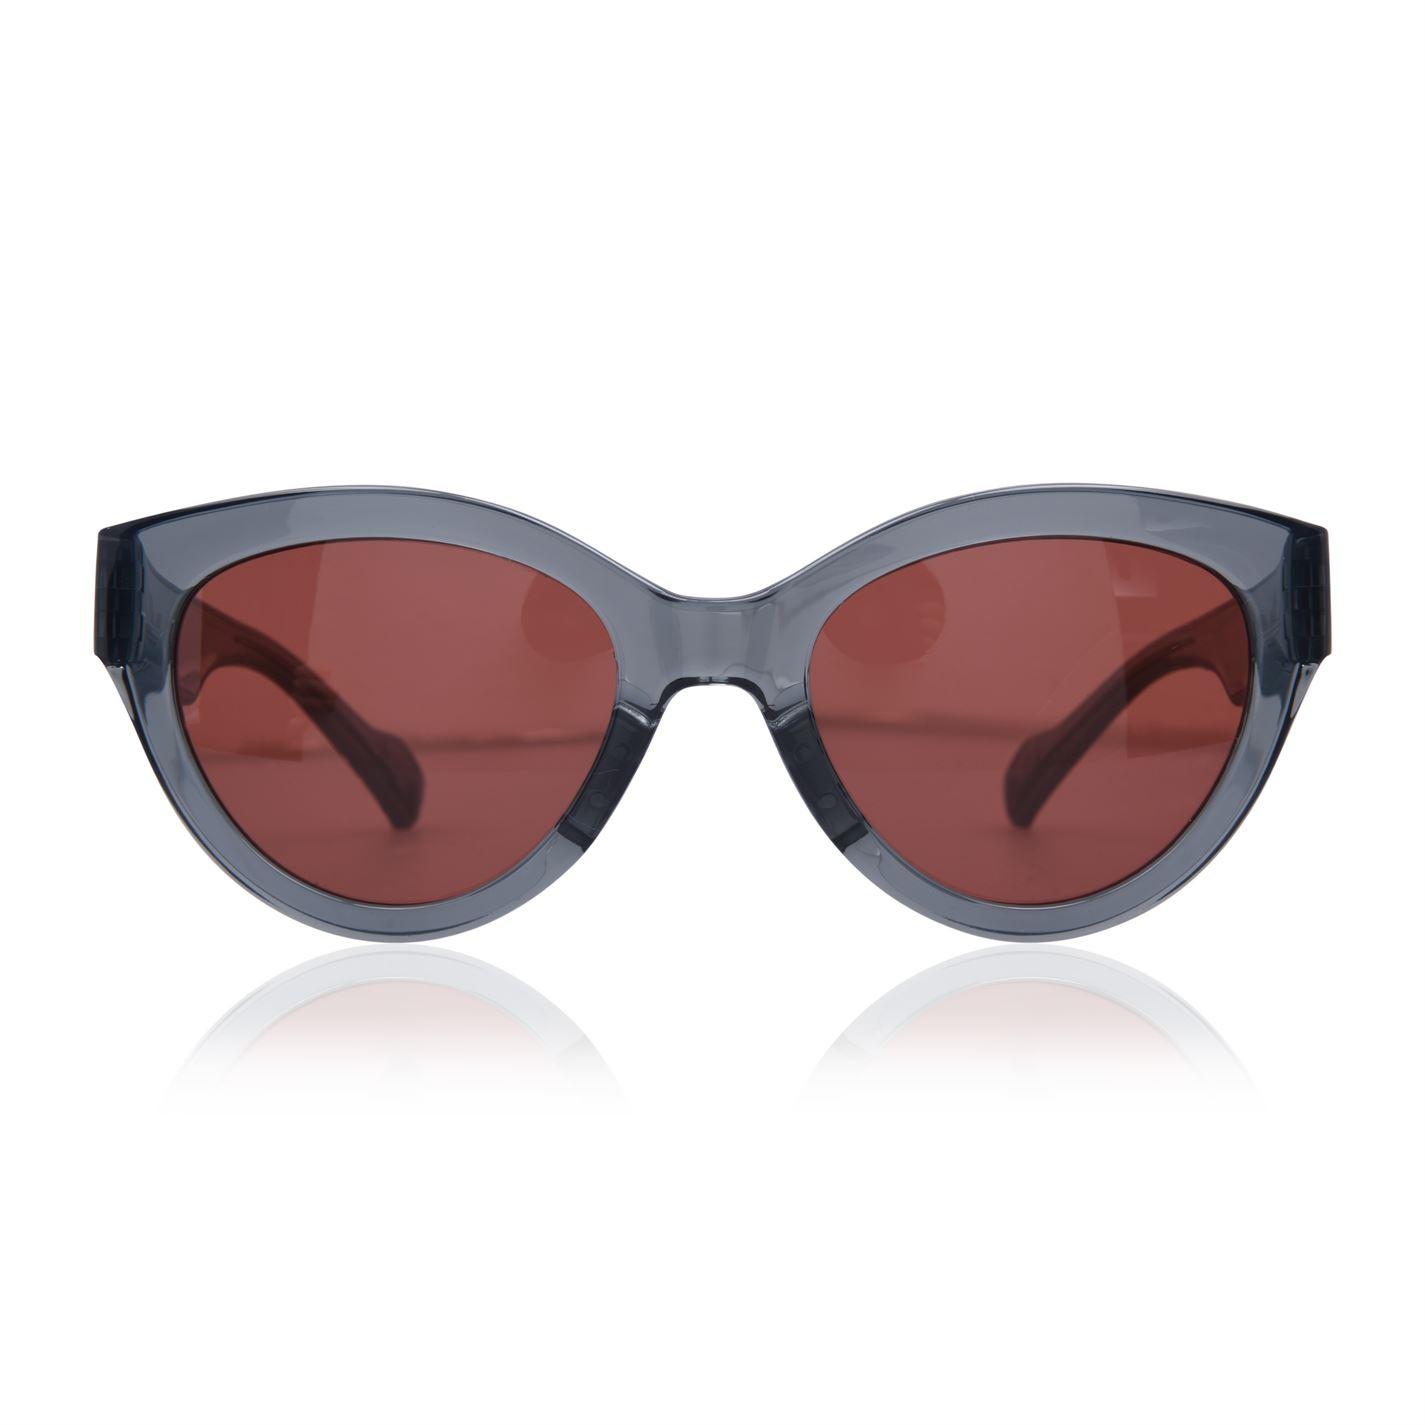 adidas Originals Original 071 Sunglasses Ladies